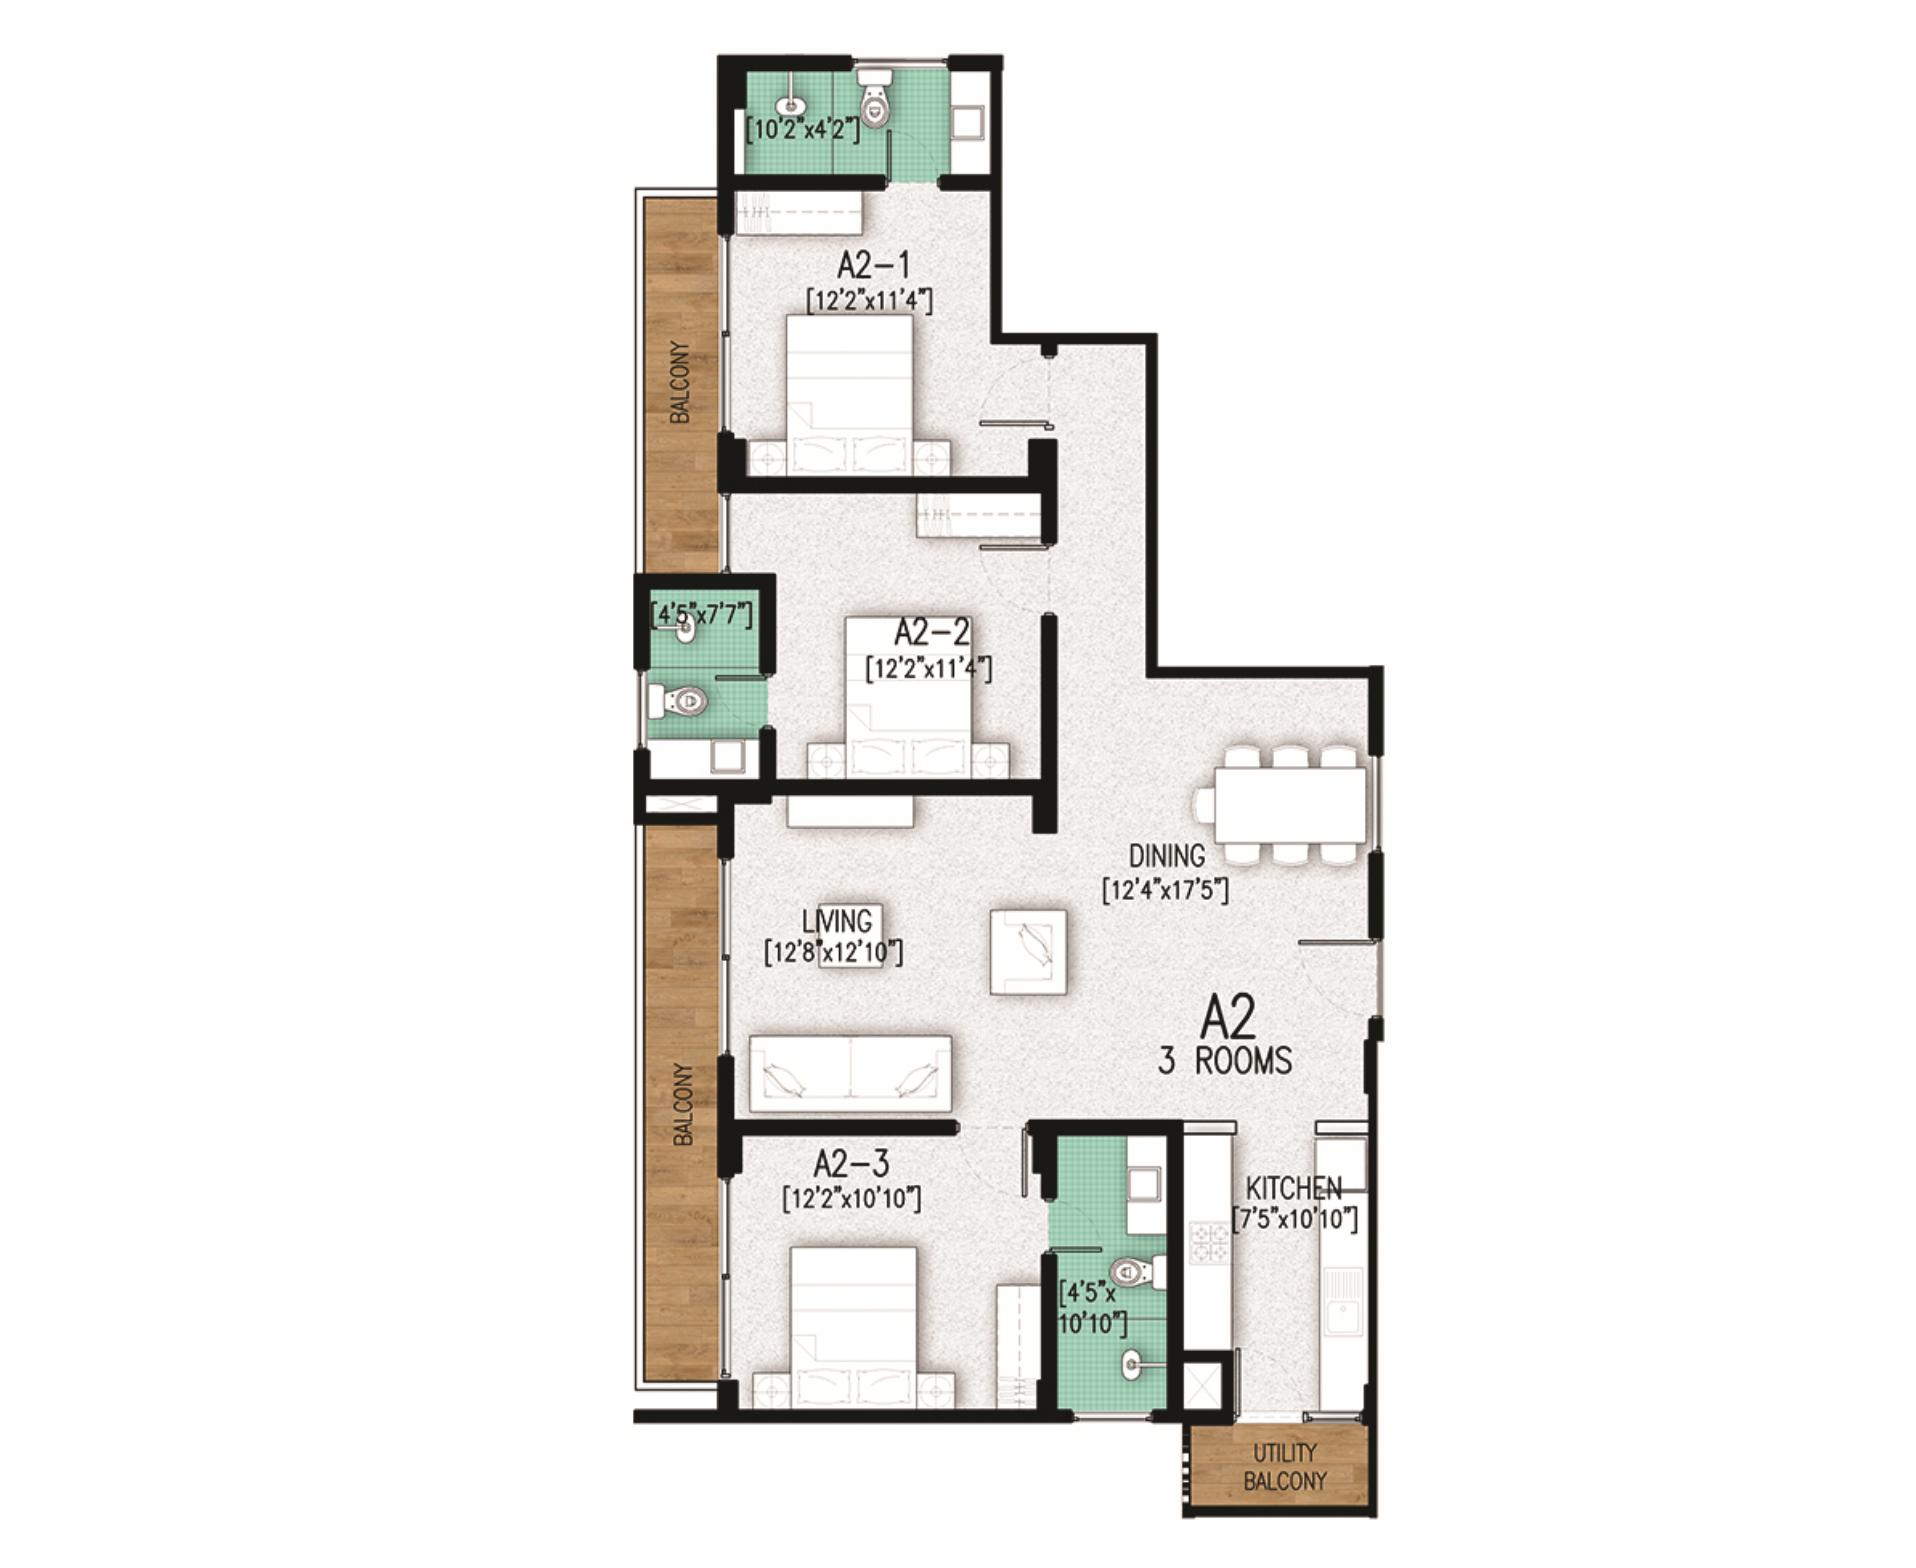 Floor Key Plan A2